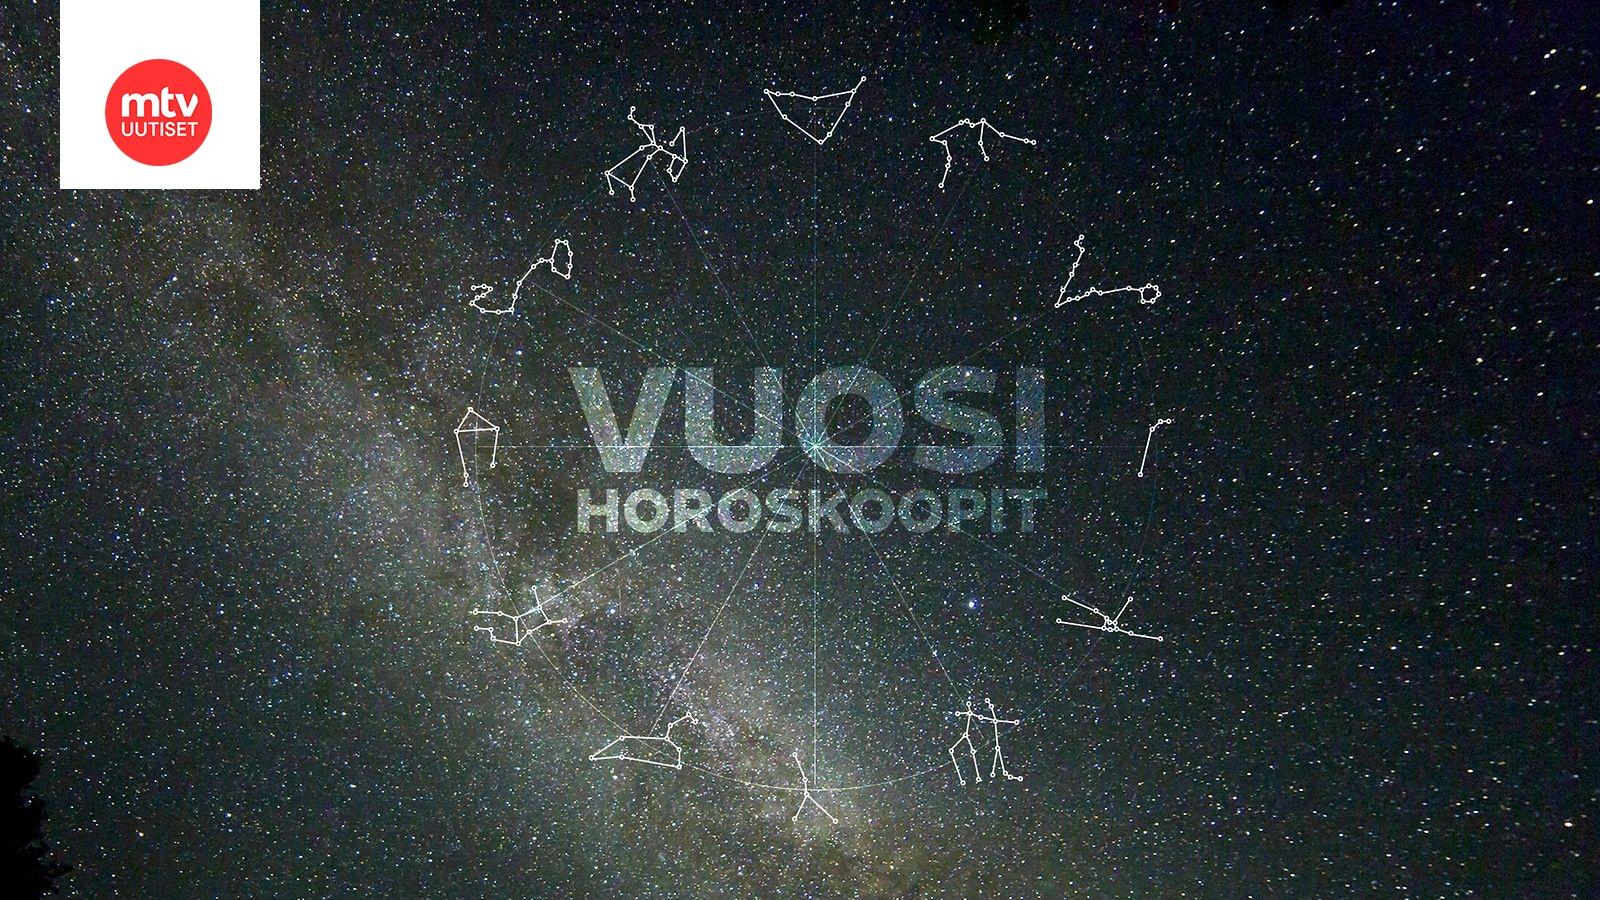 rakkaus ottelu tehdä horoskooppi